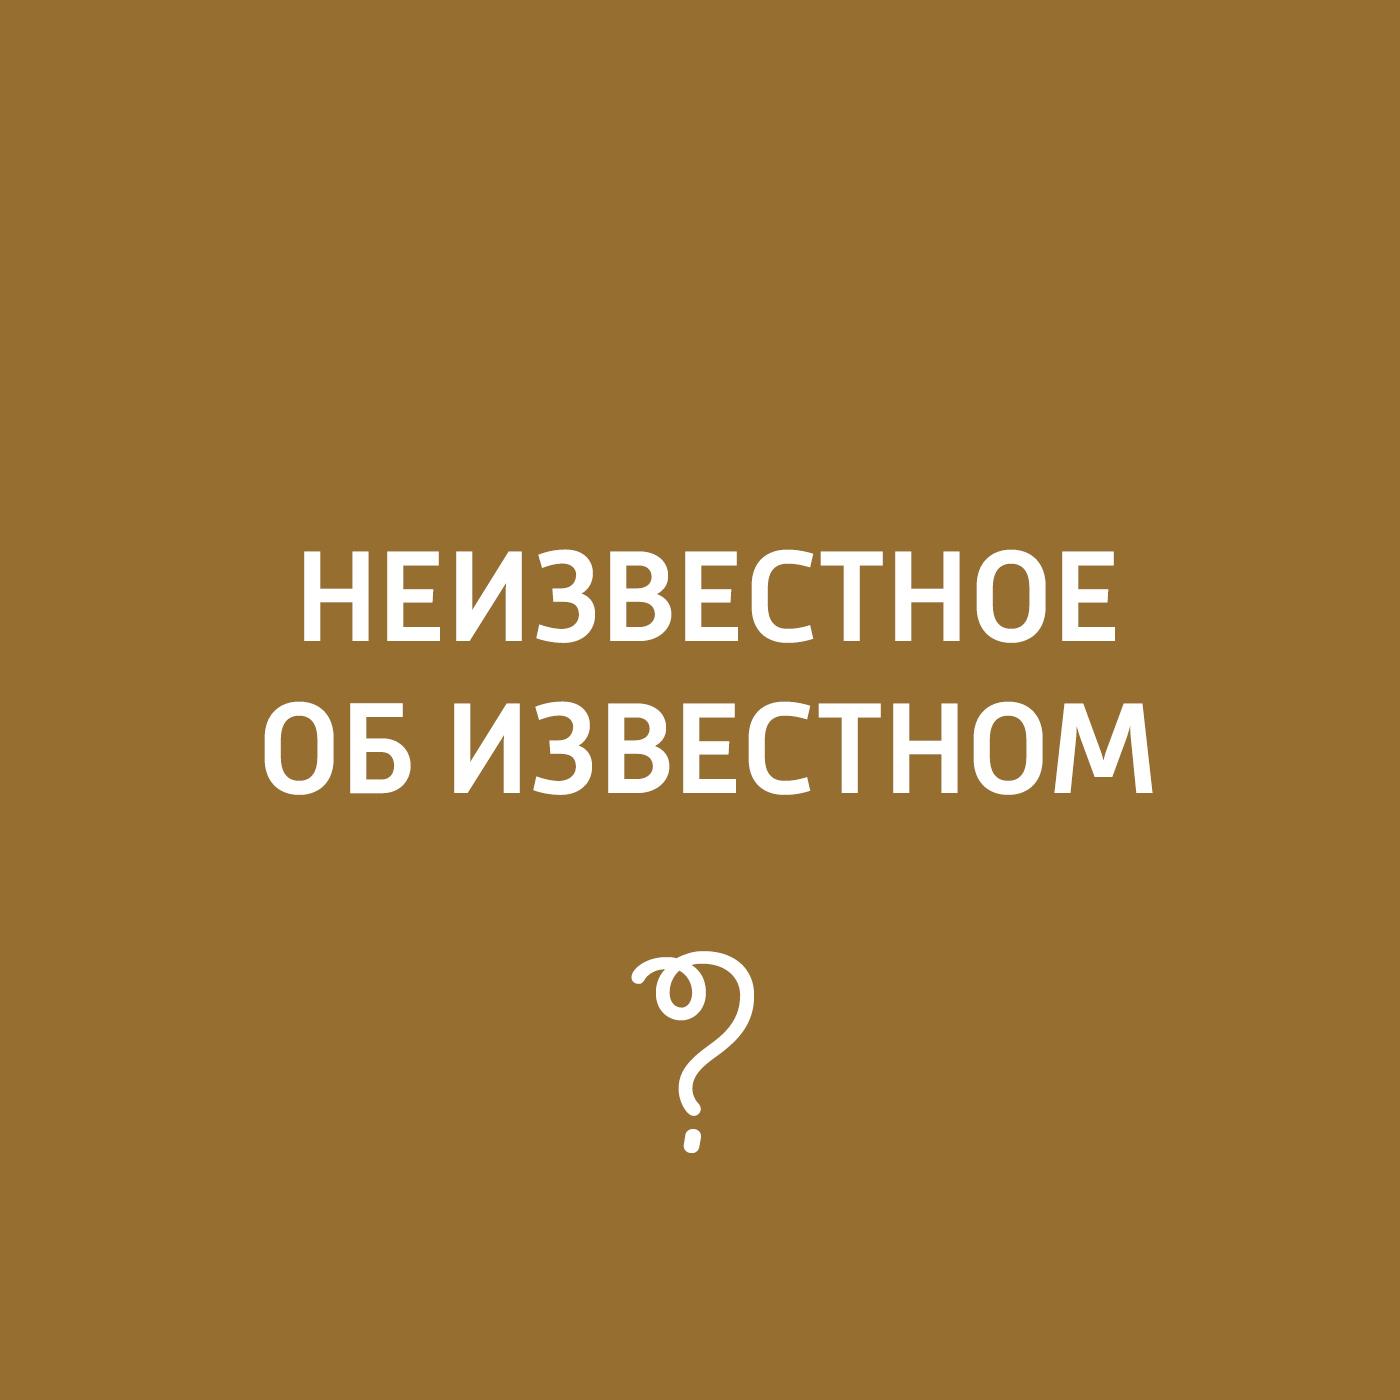 Творческий коллектив программы «Пора домой» Гусарство Дениса Давыдова давыдова маргарита алексеевна праздник в школе 1 5кл